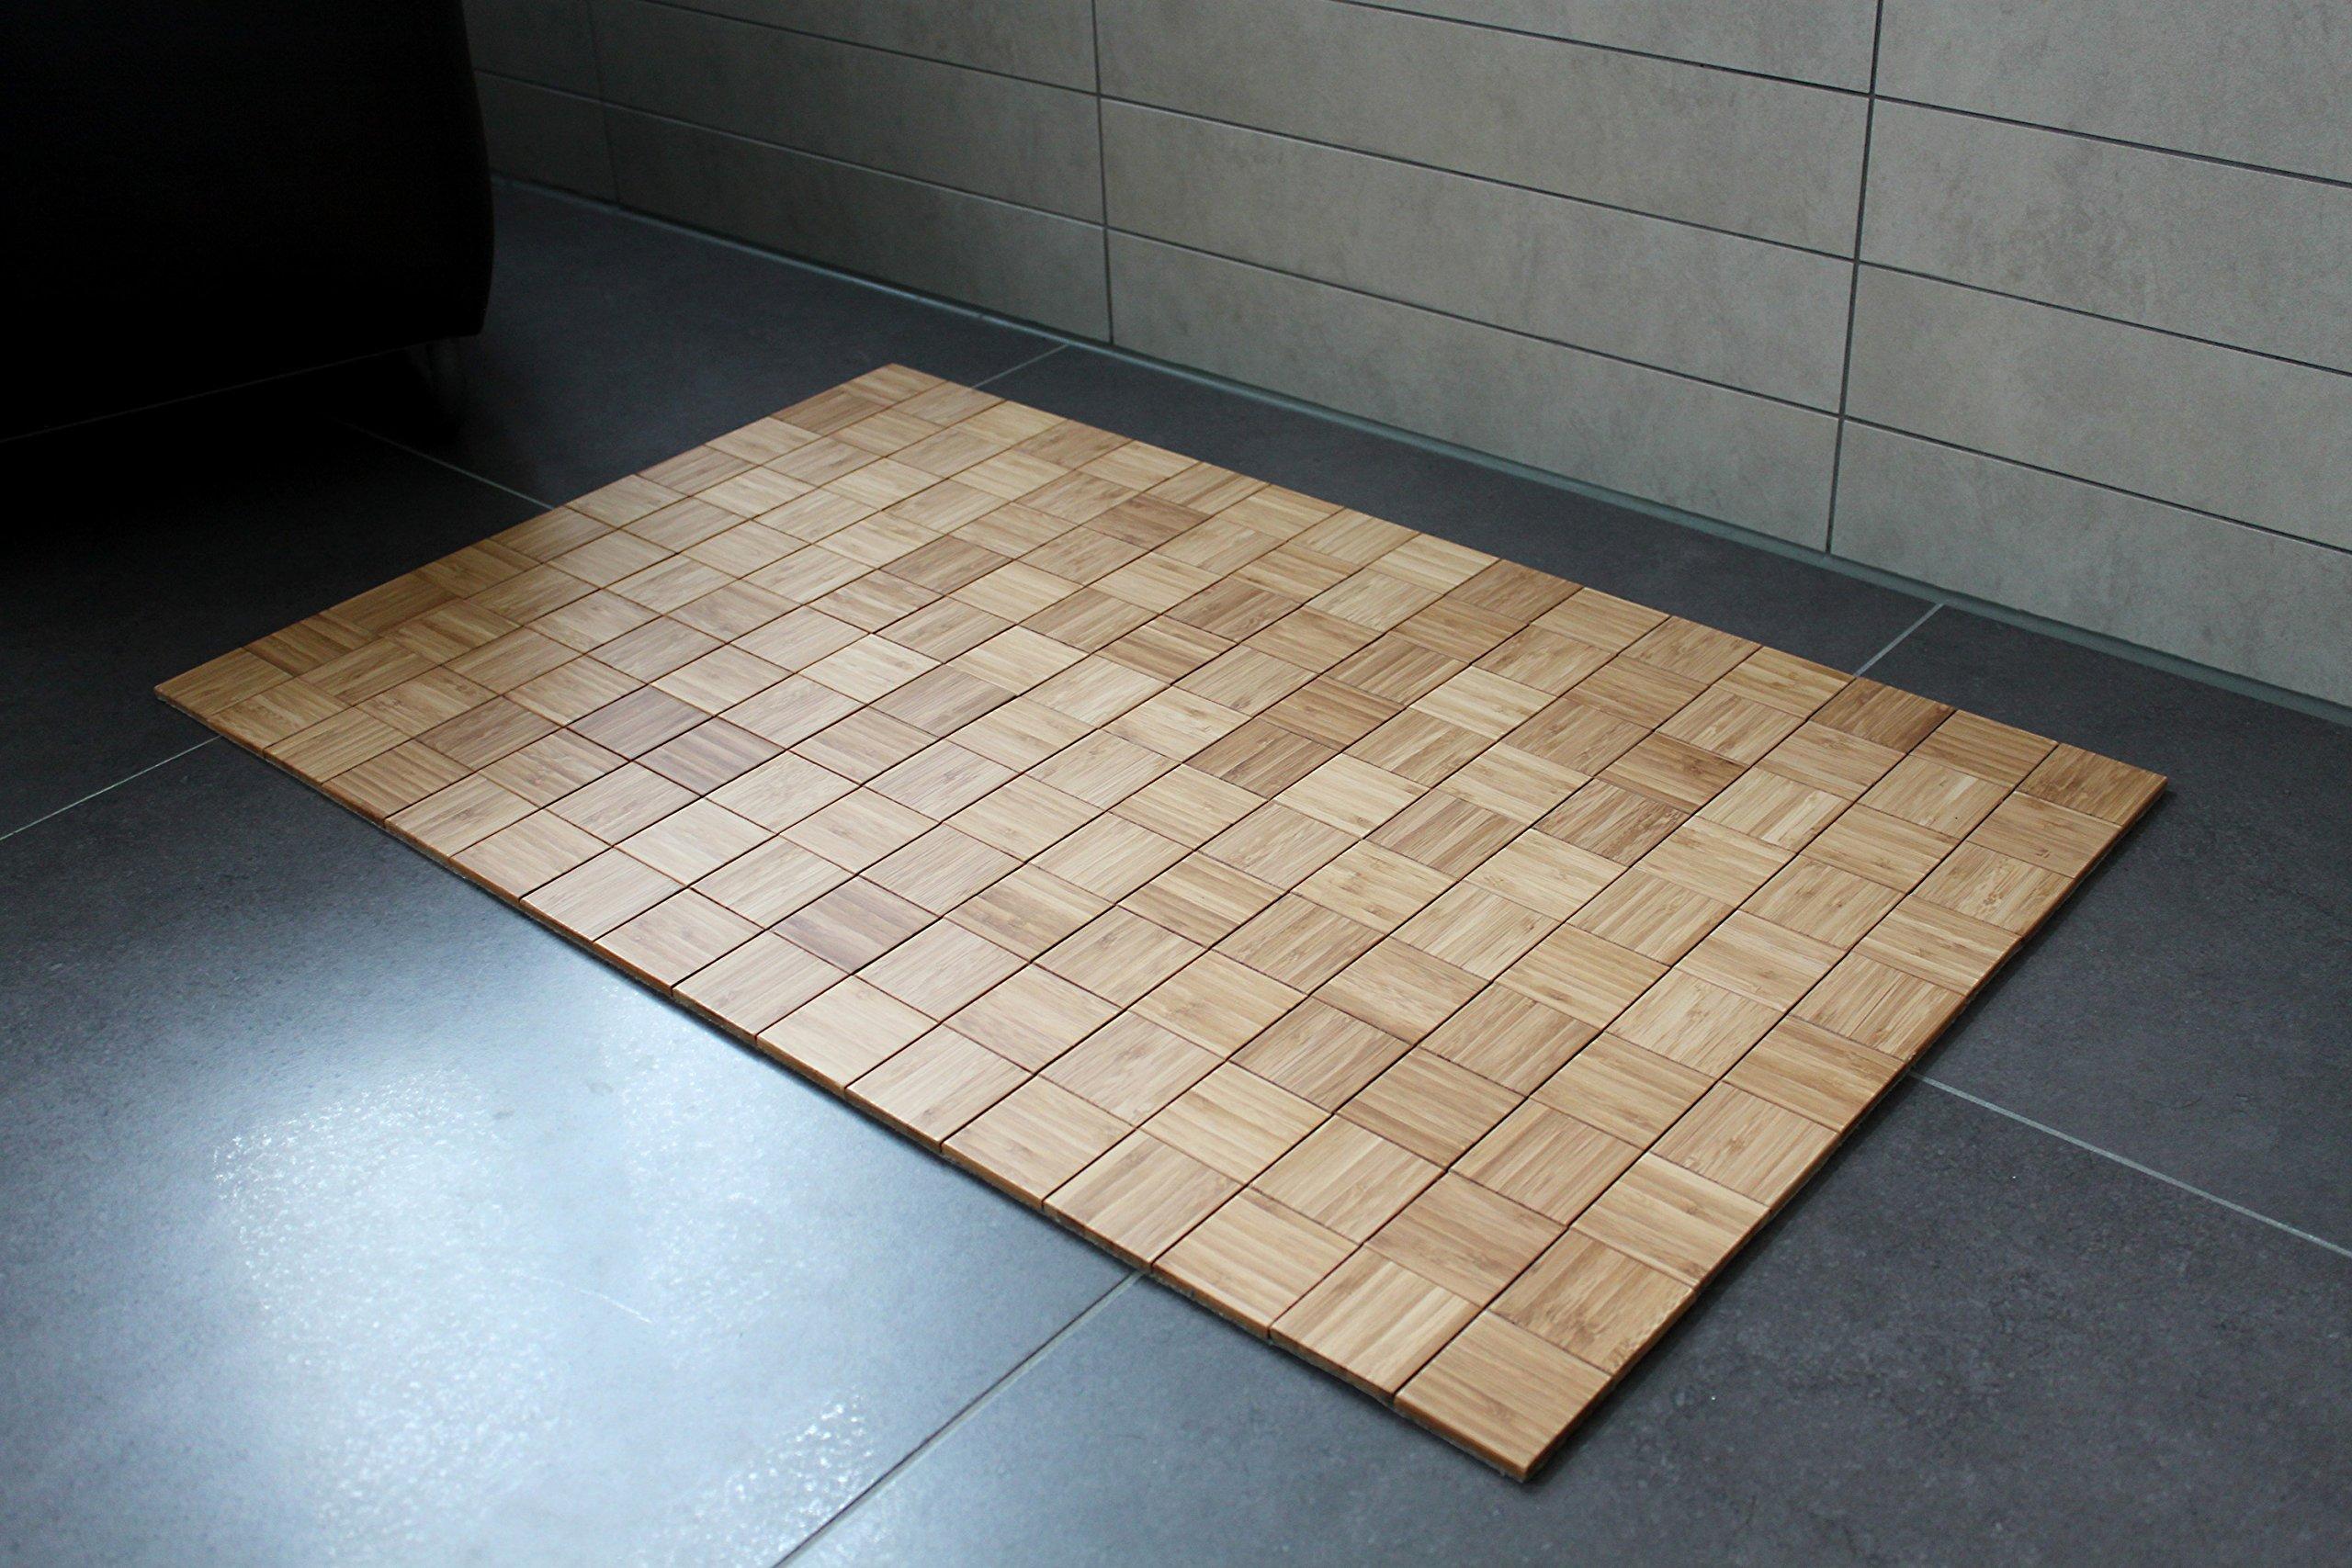 Badteppich Karo Nature Aus Bambus 40x50cm Teppich Rutschfest